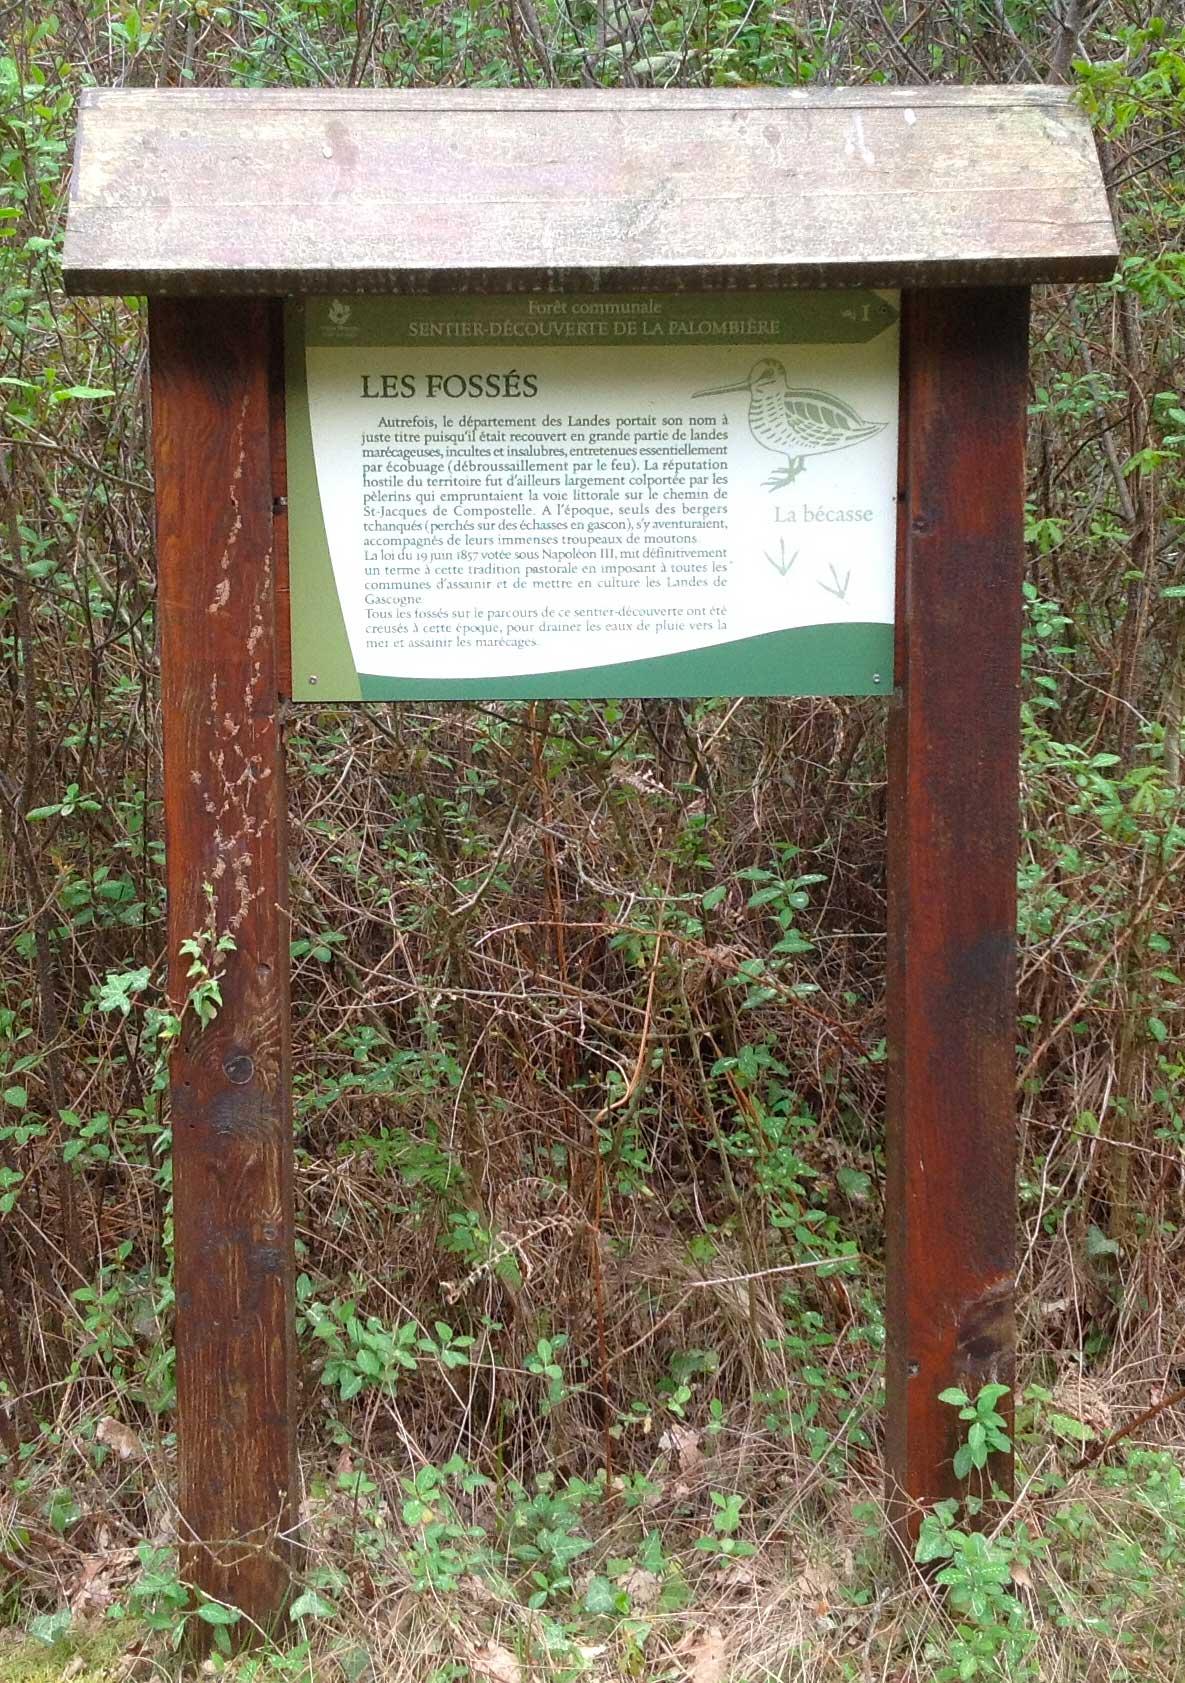 Cartel informativo en la ruta de La Palombiere, en Vieux Boucau